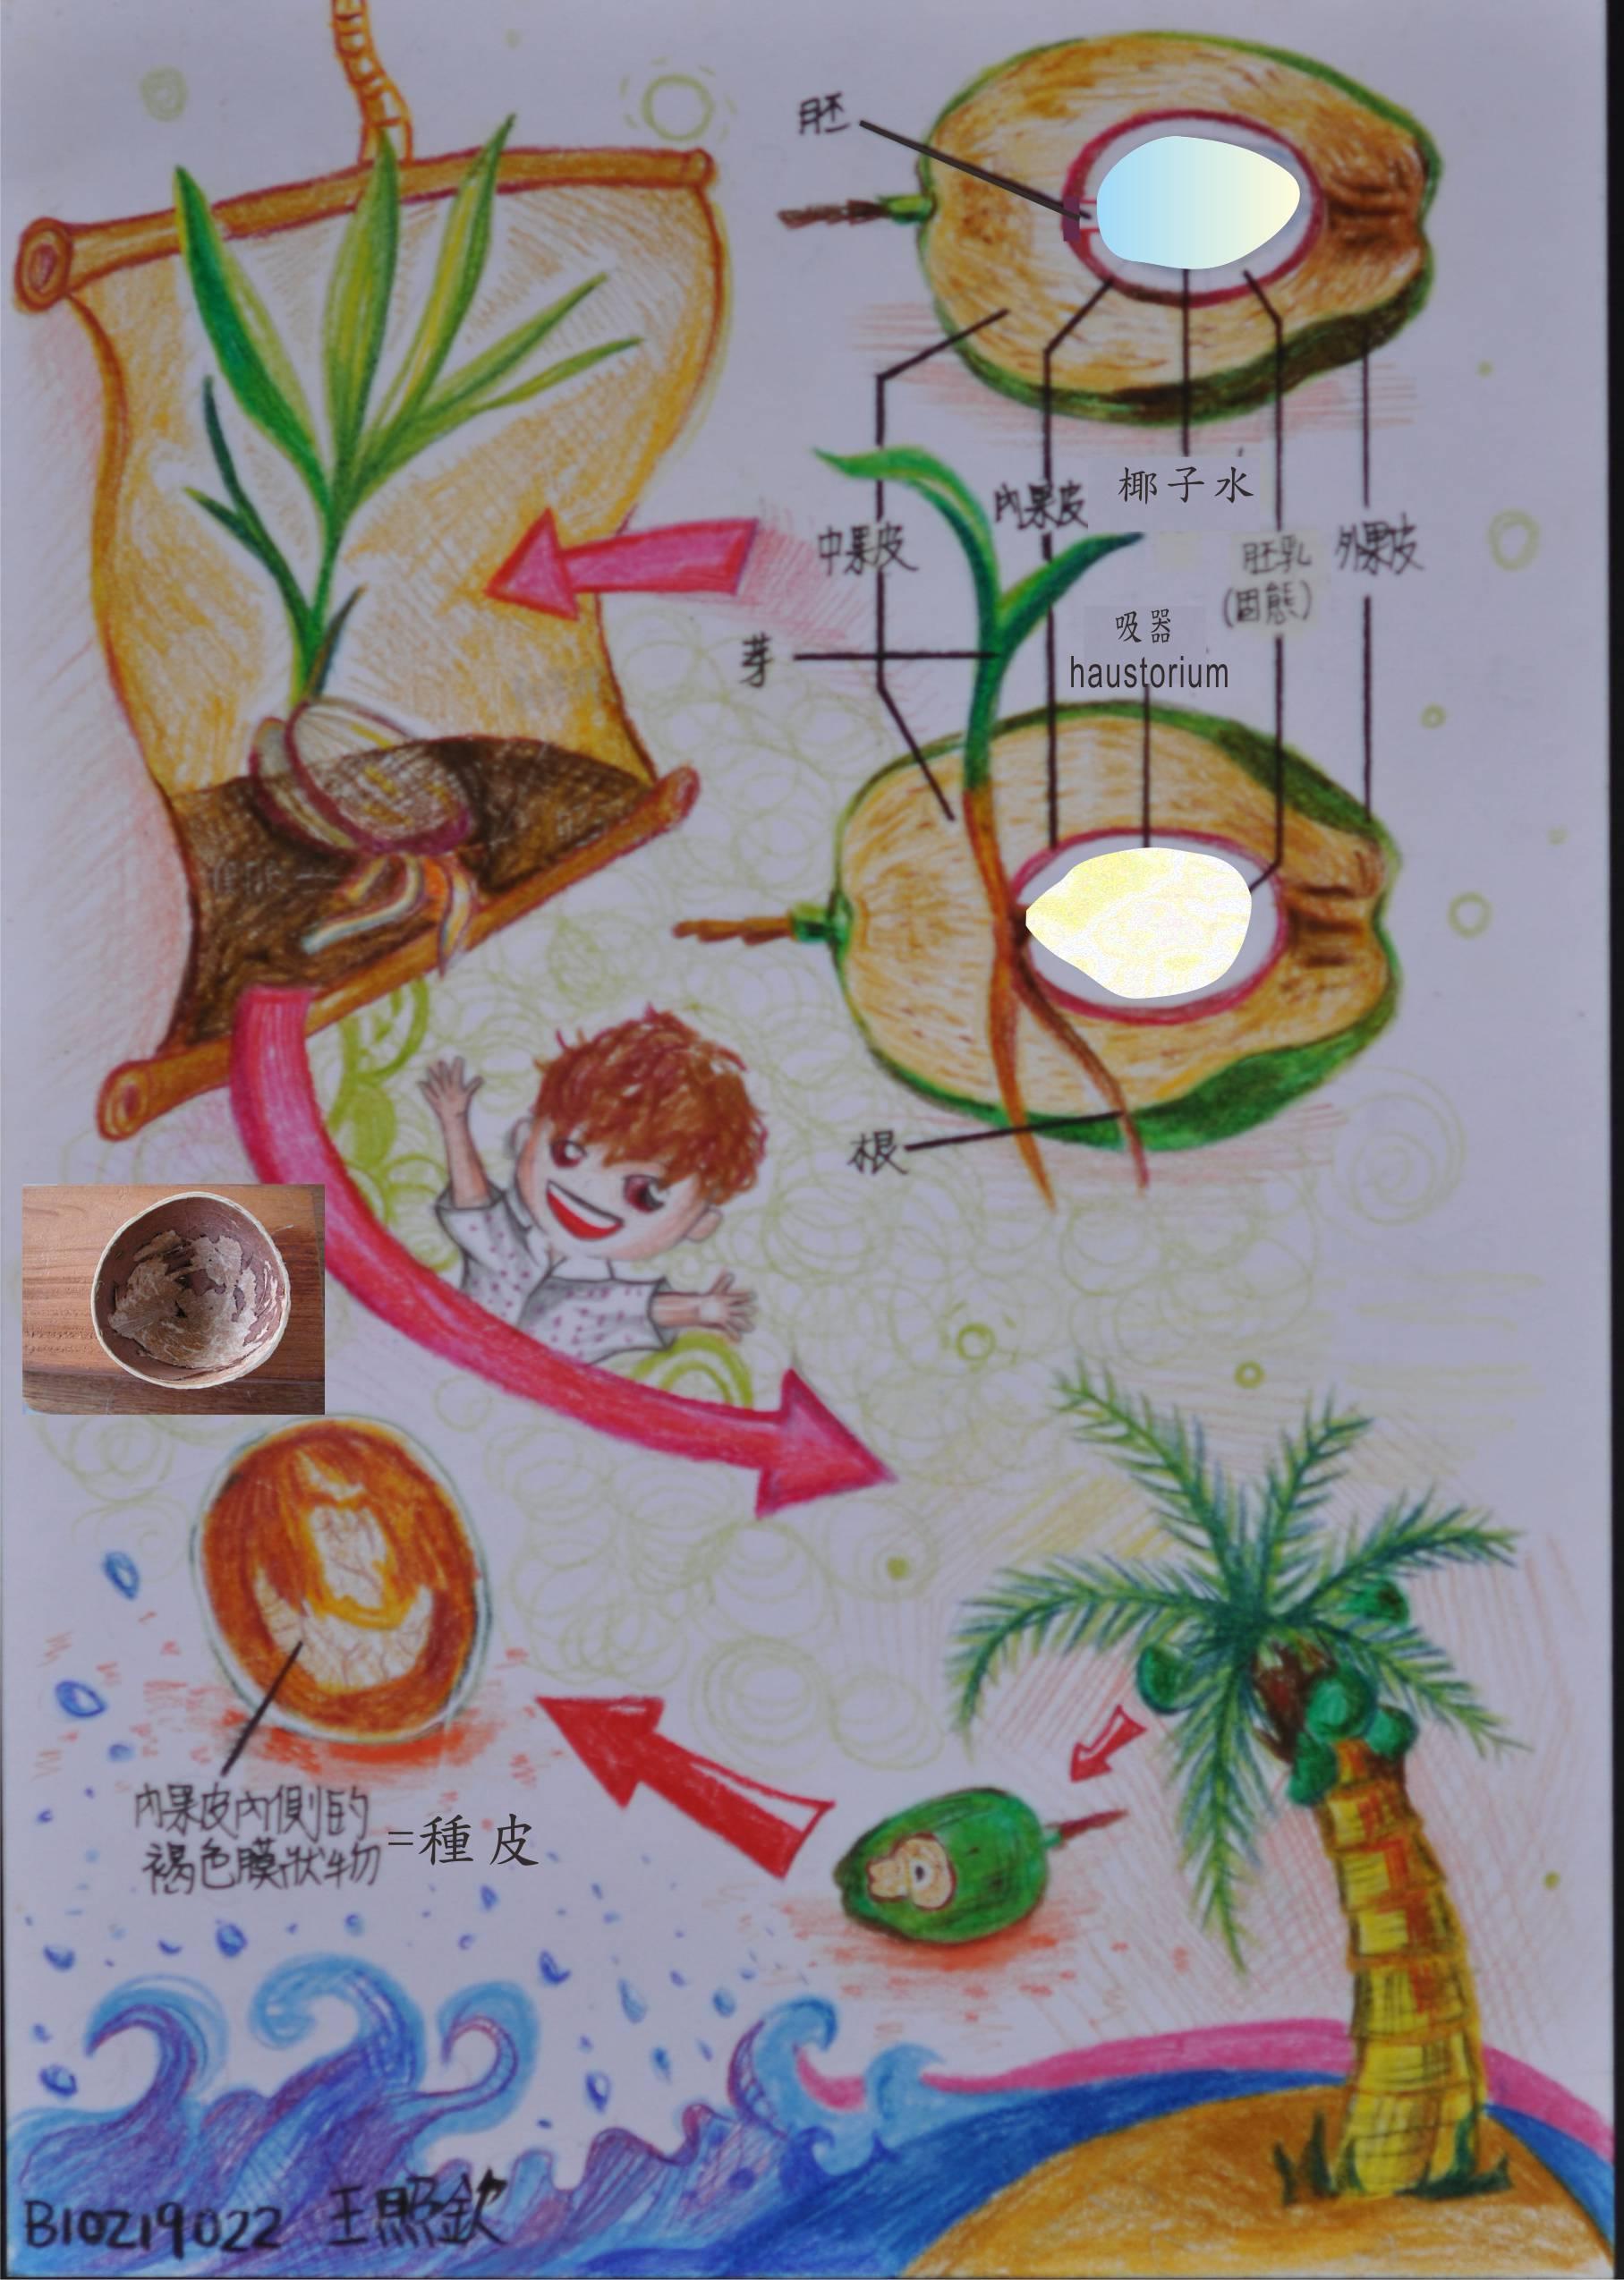 赏单子叶植物发芽解说图作业